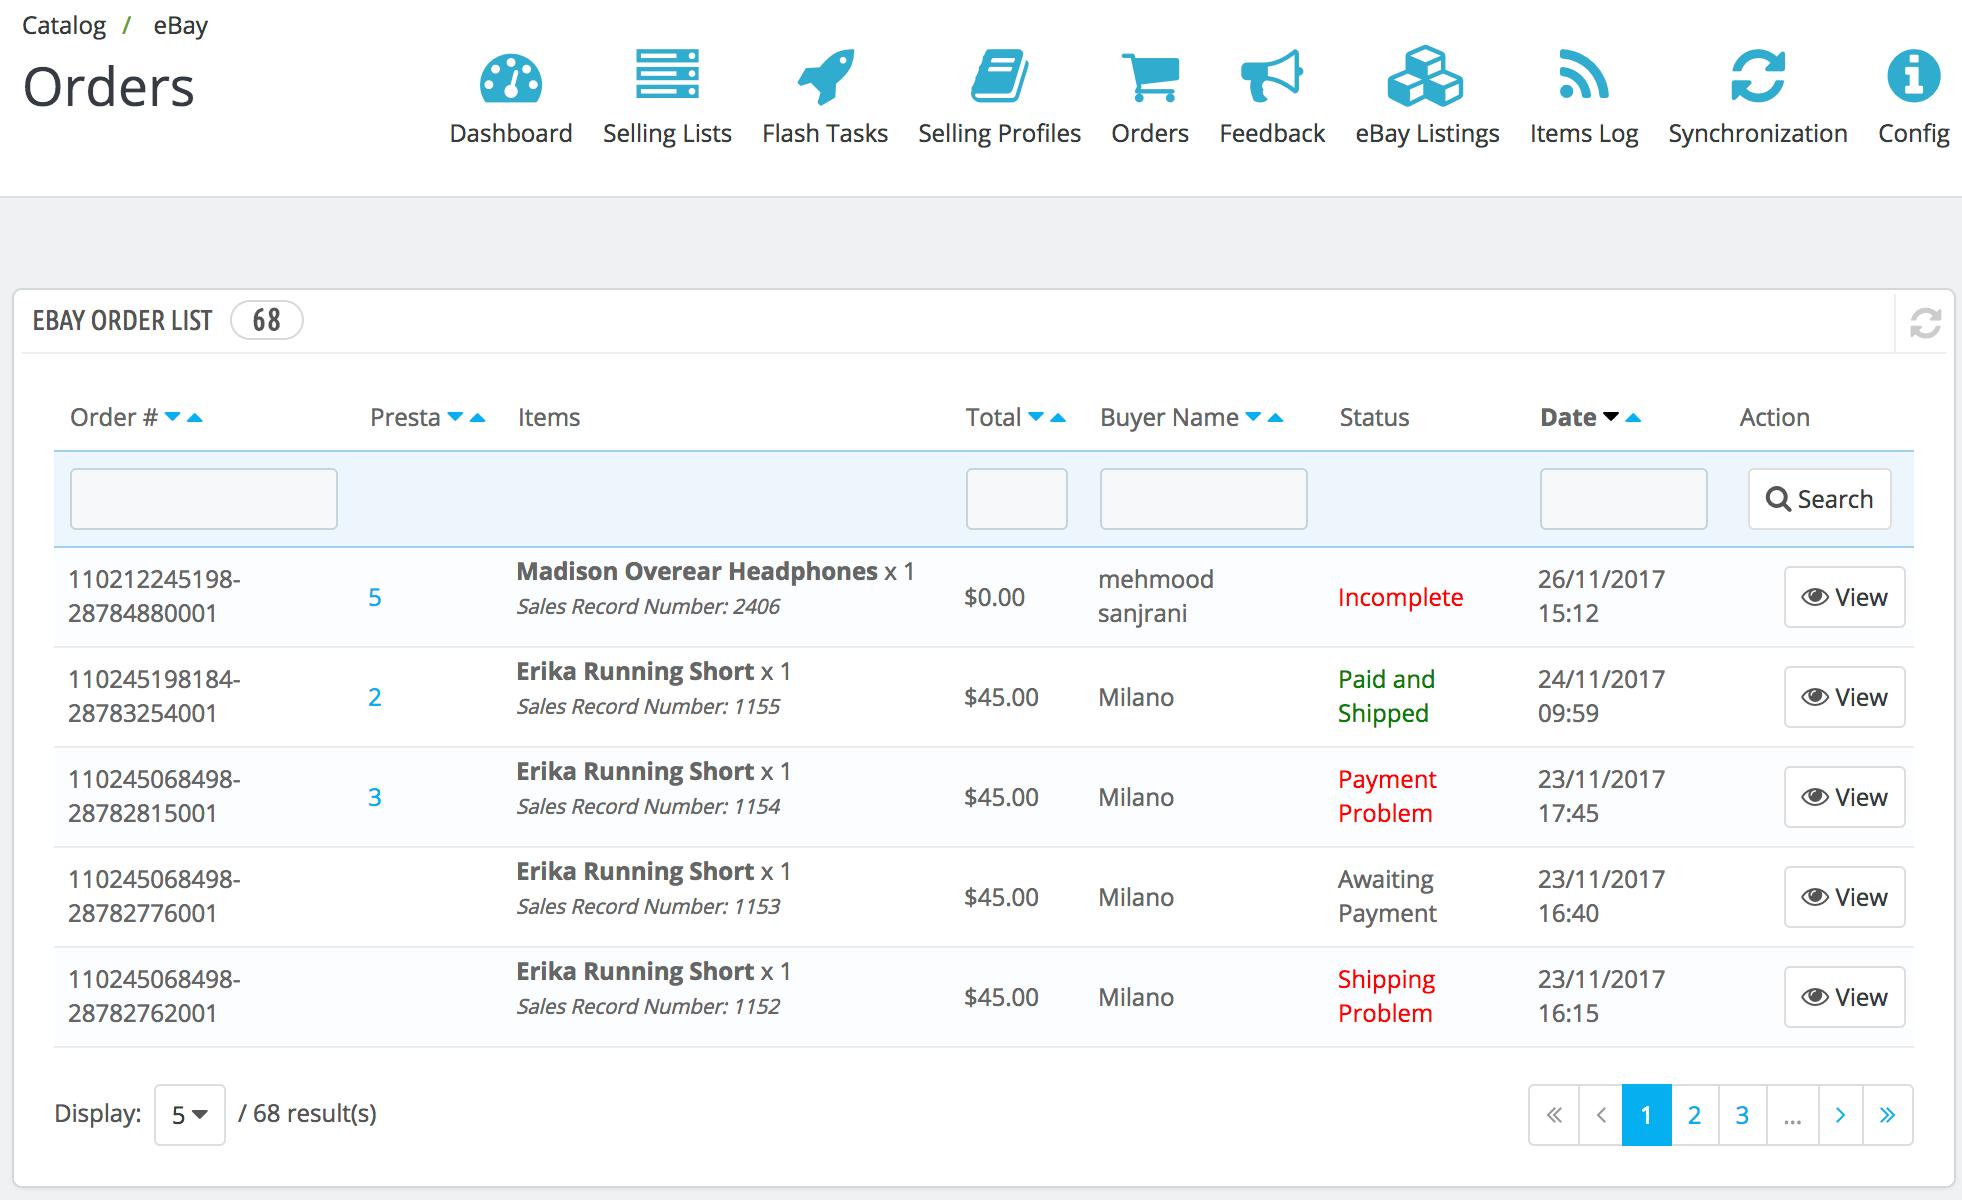 PrestaShop ebay module — Orders